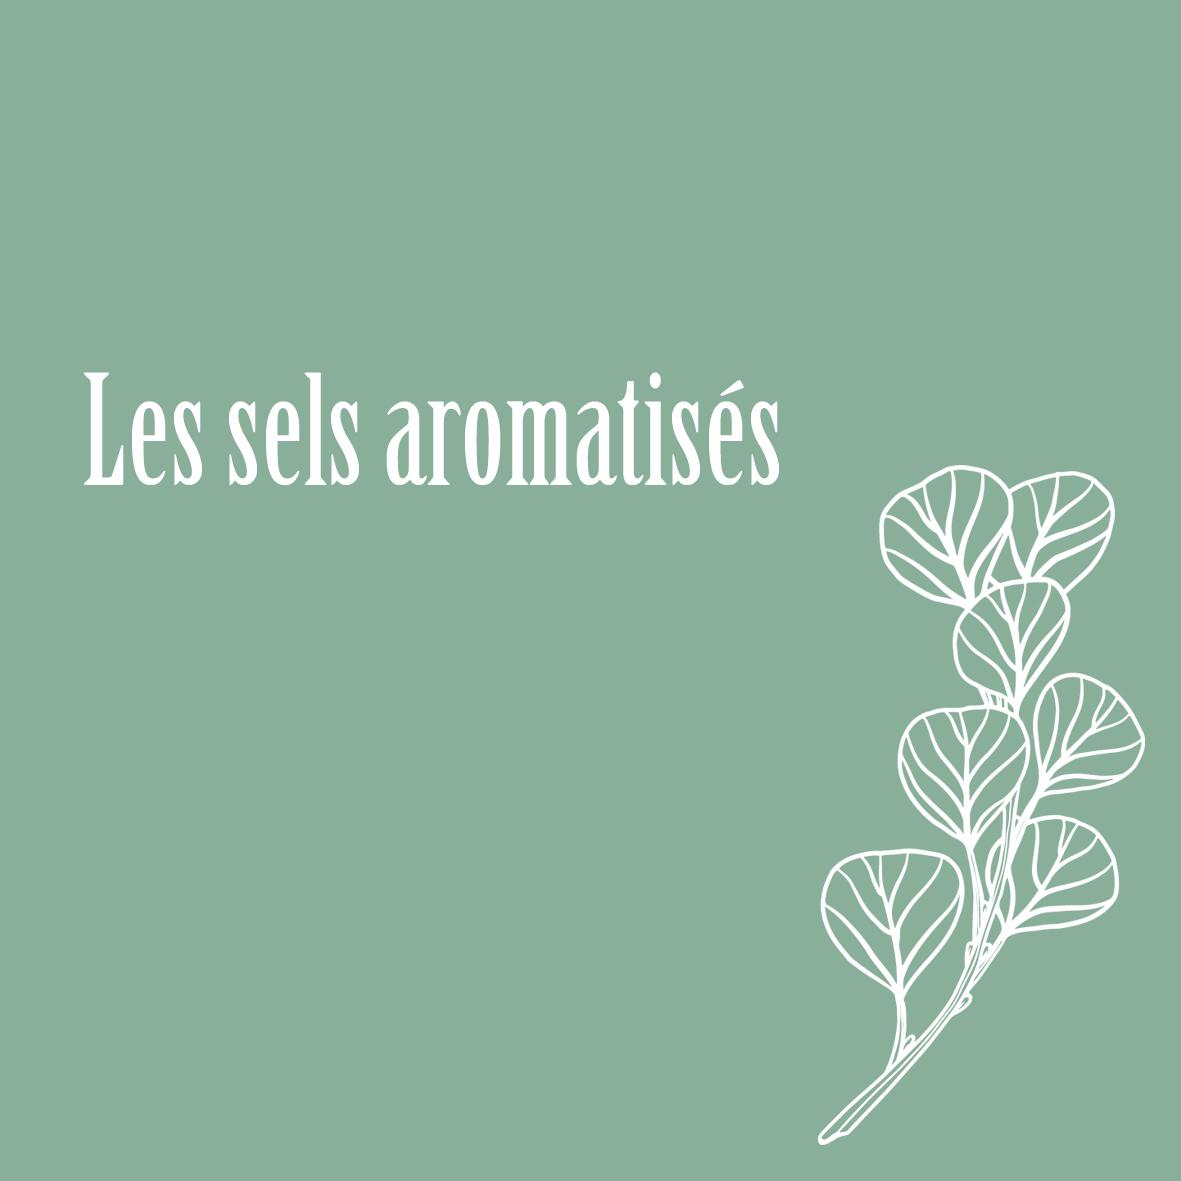 Les sels aromatisés